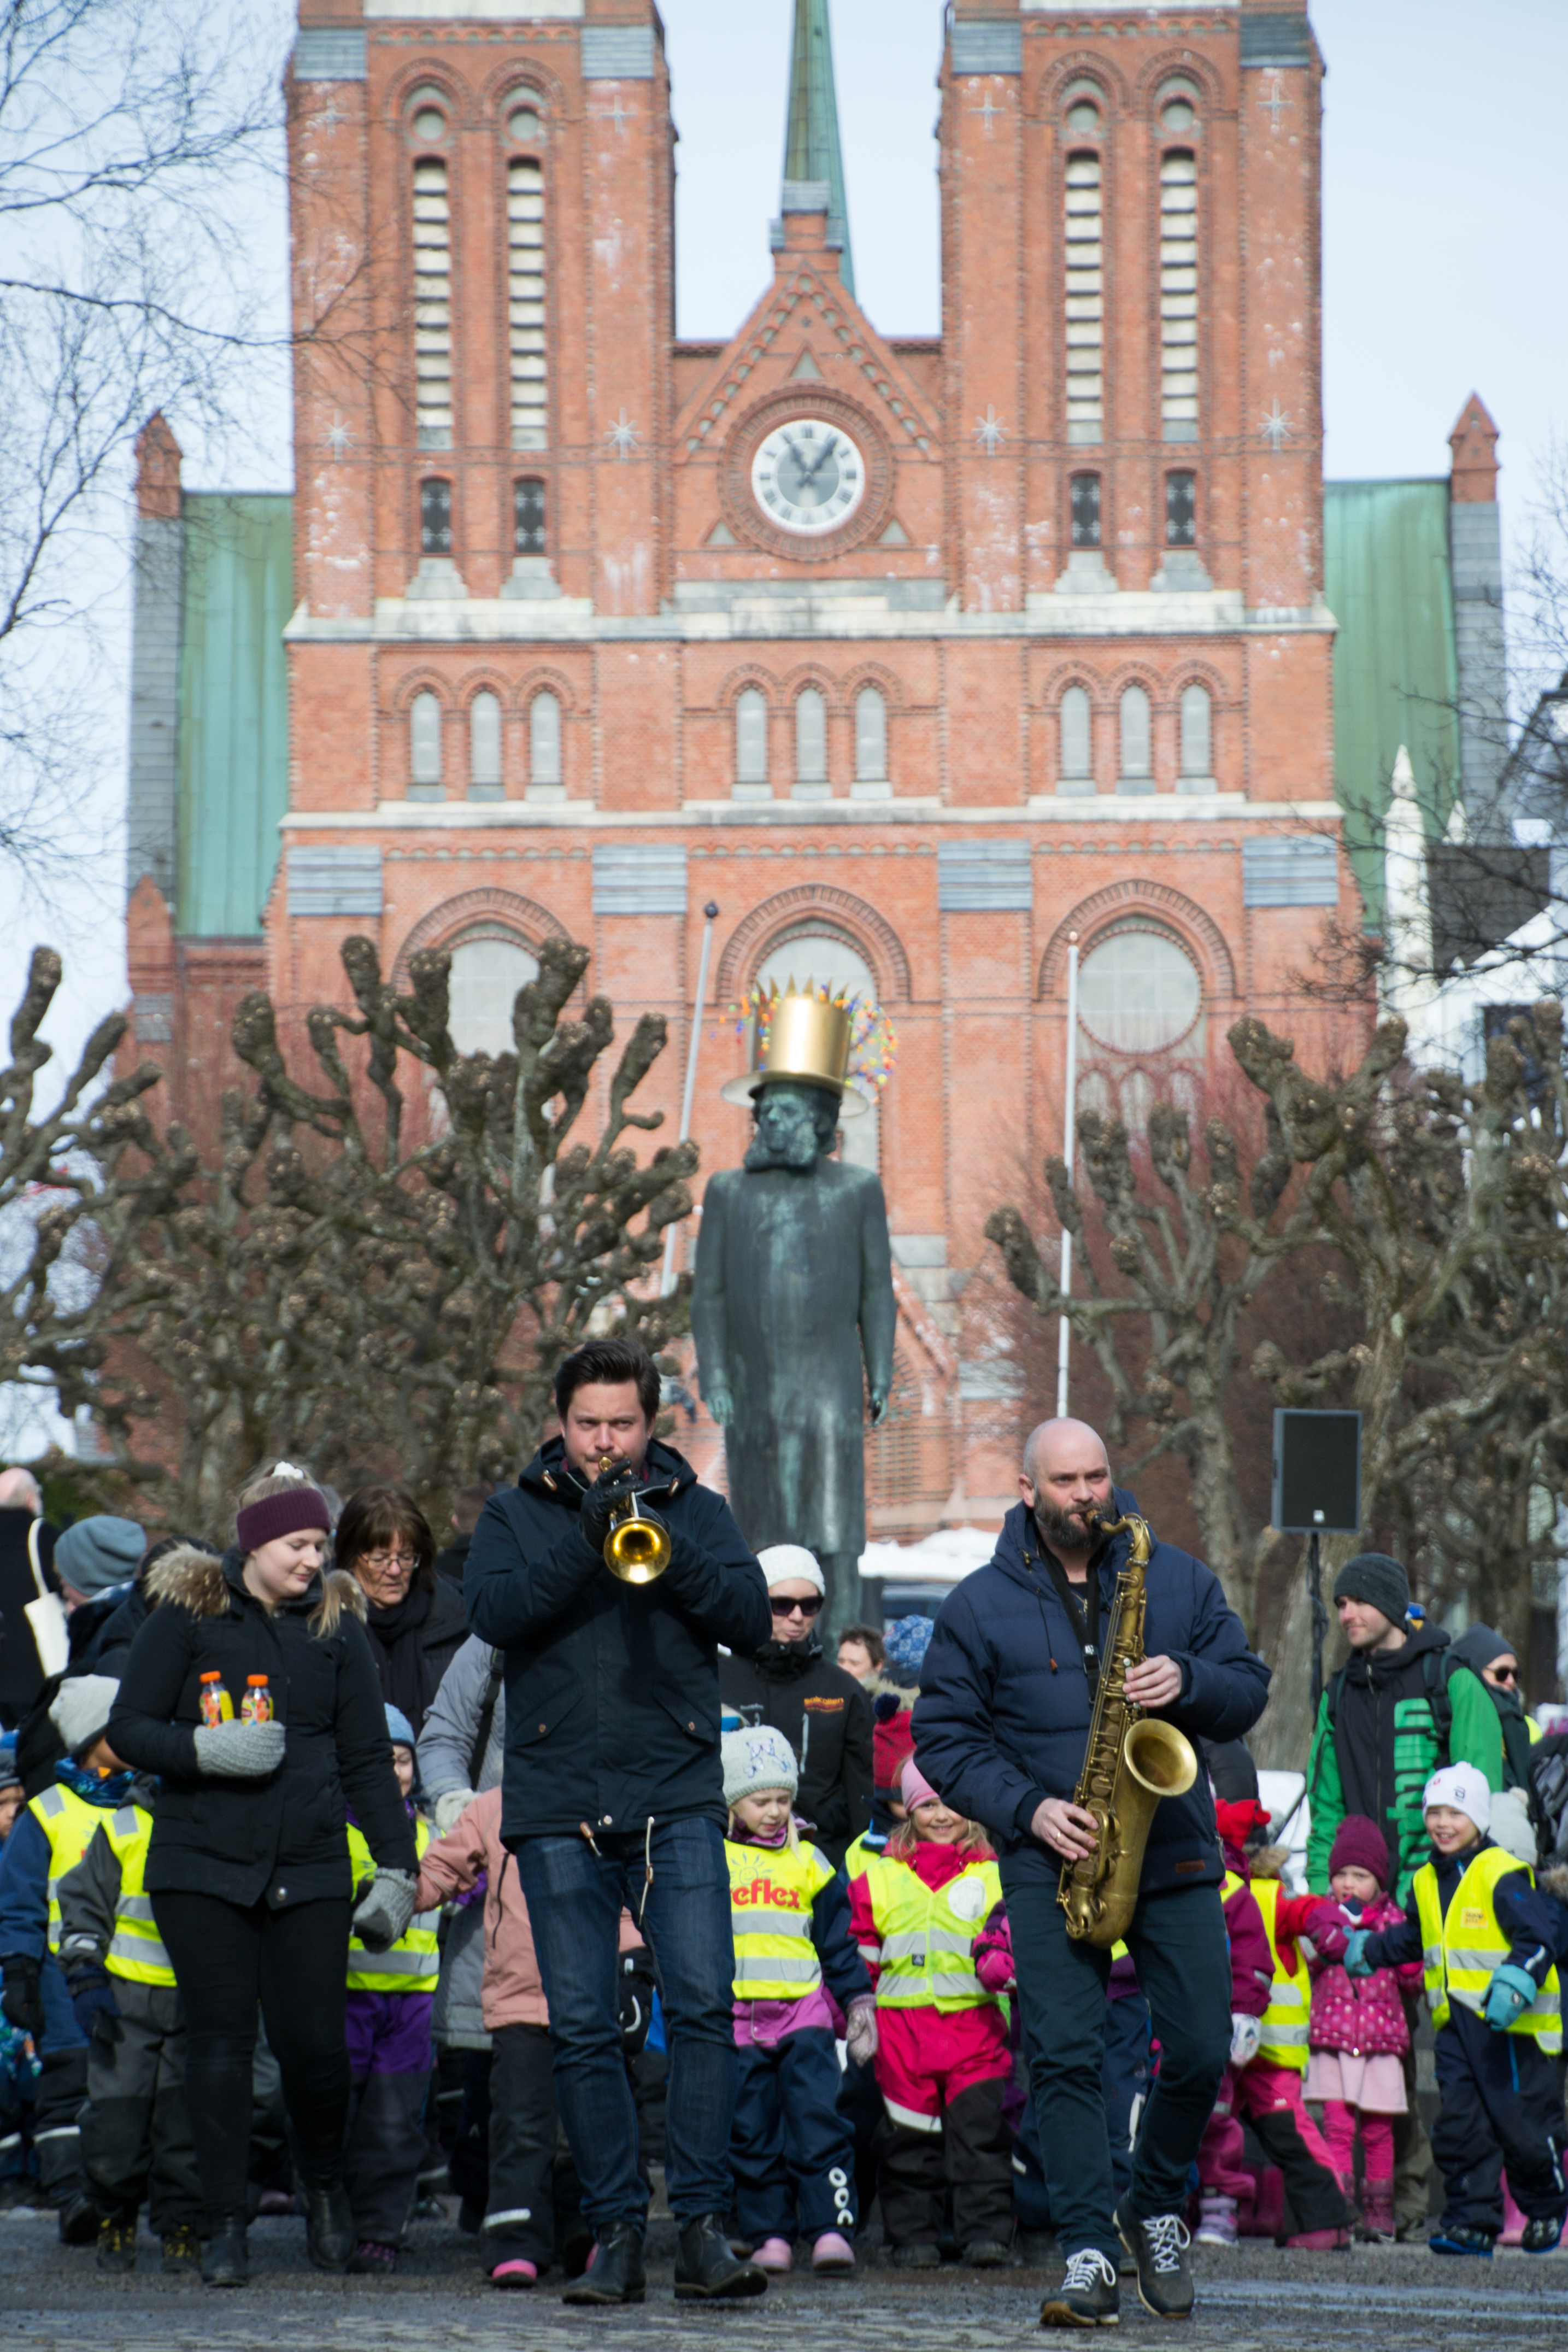 Ibsen feiring Foto: Skien Kommune